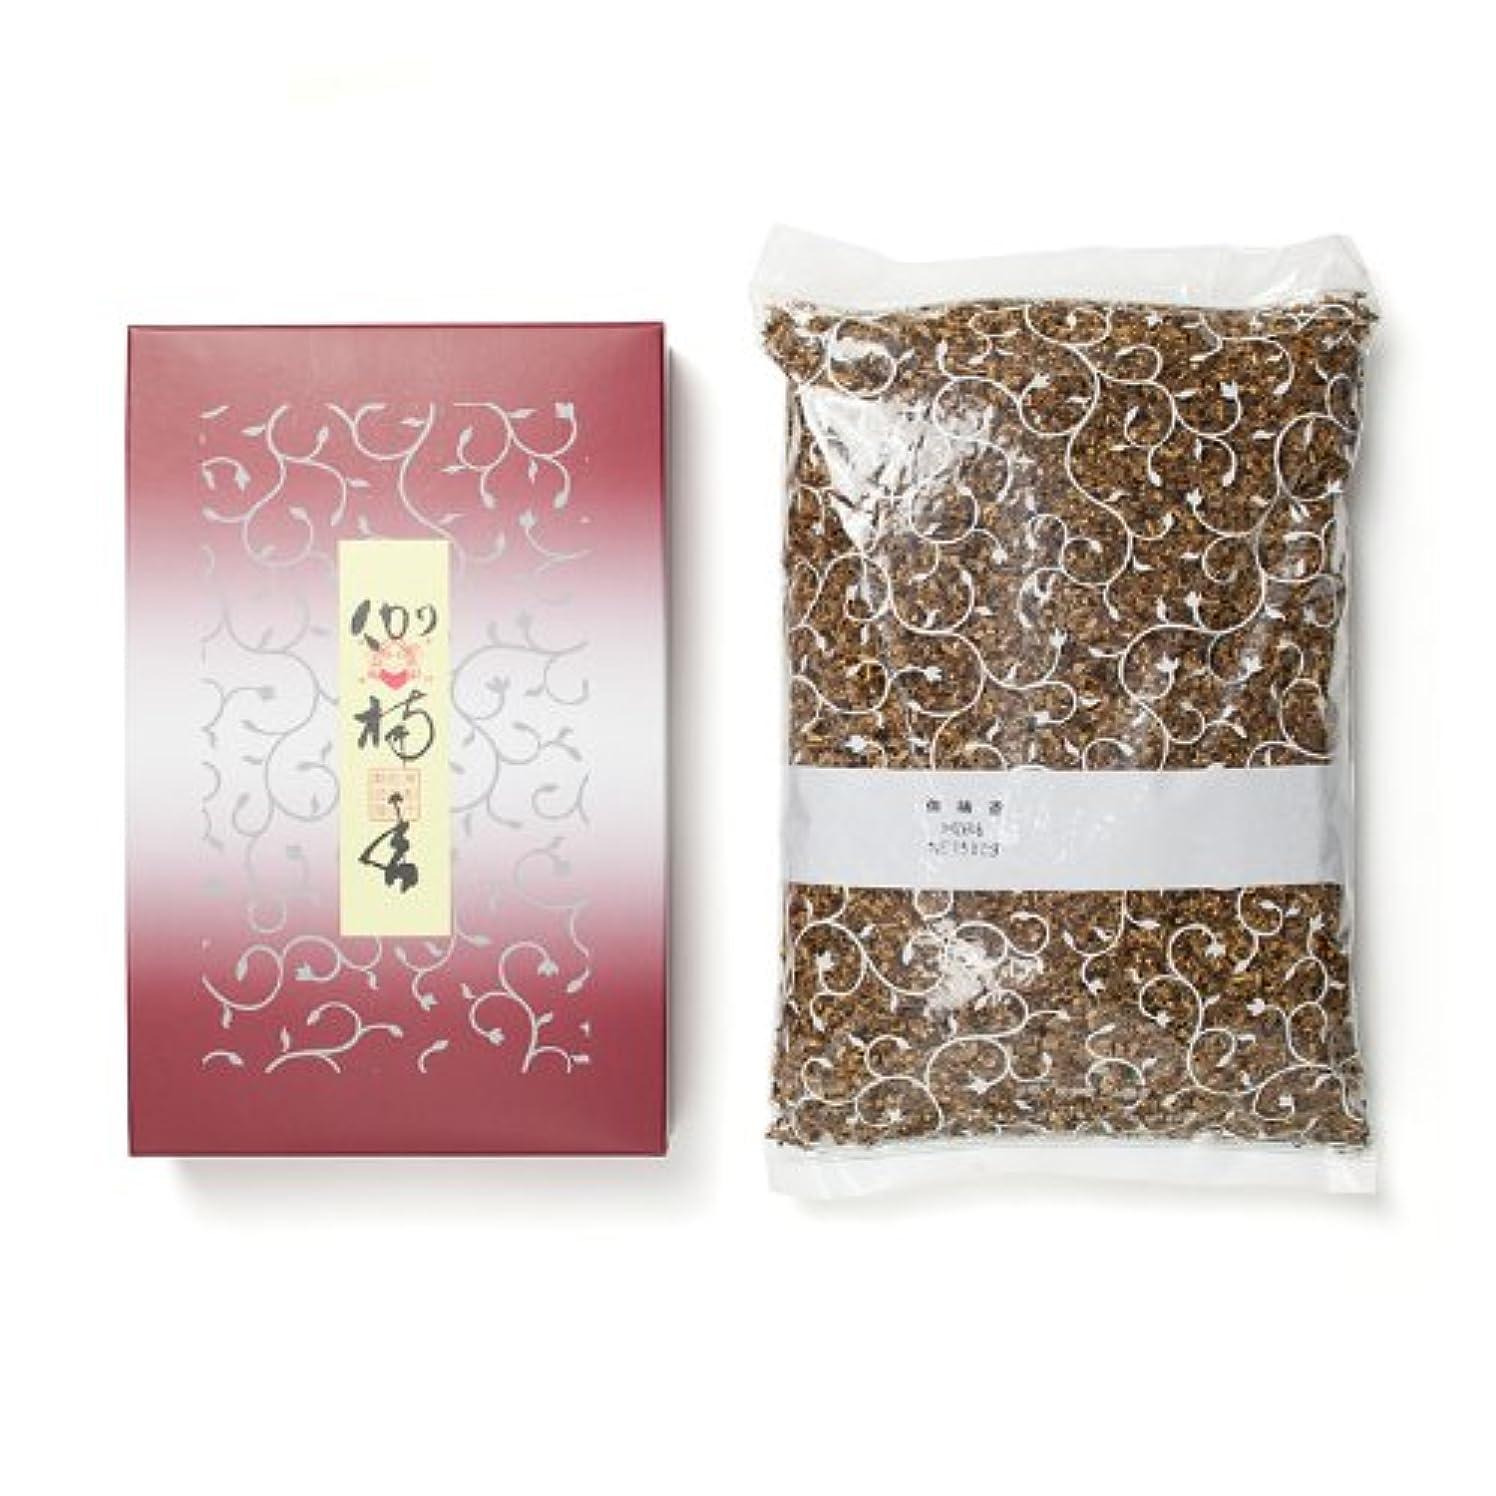 感謝祭海洋役職松栄堂のお焼香 伽楠香 500g詰 紙箱入 #410611